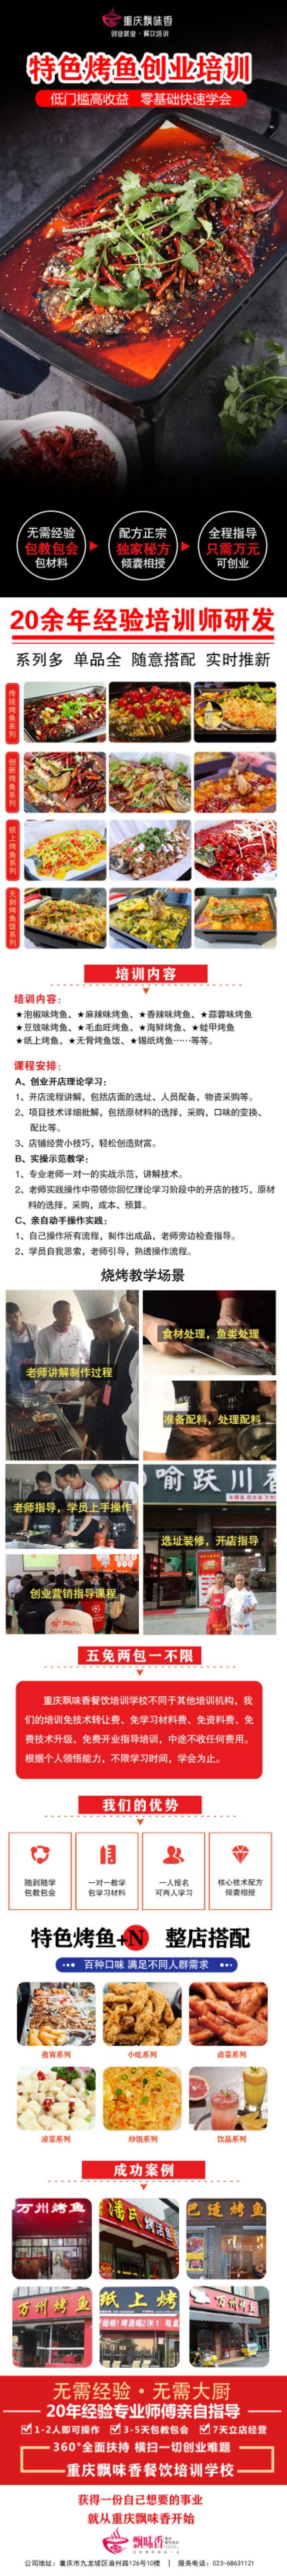 烤鱼万博manbet客户端下载